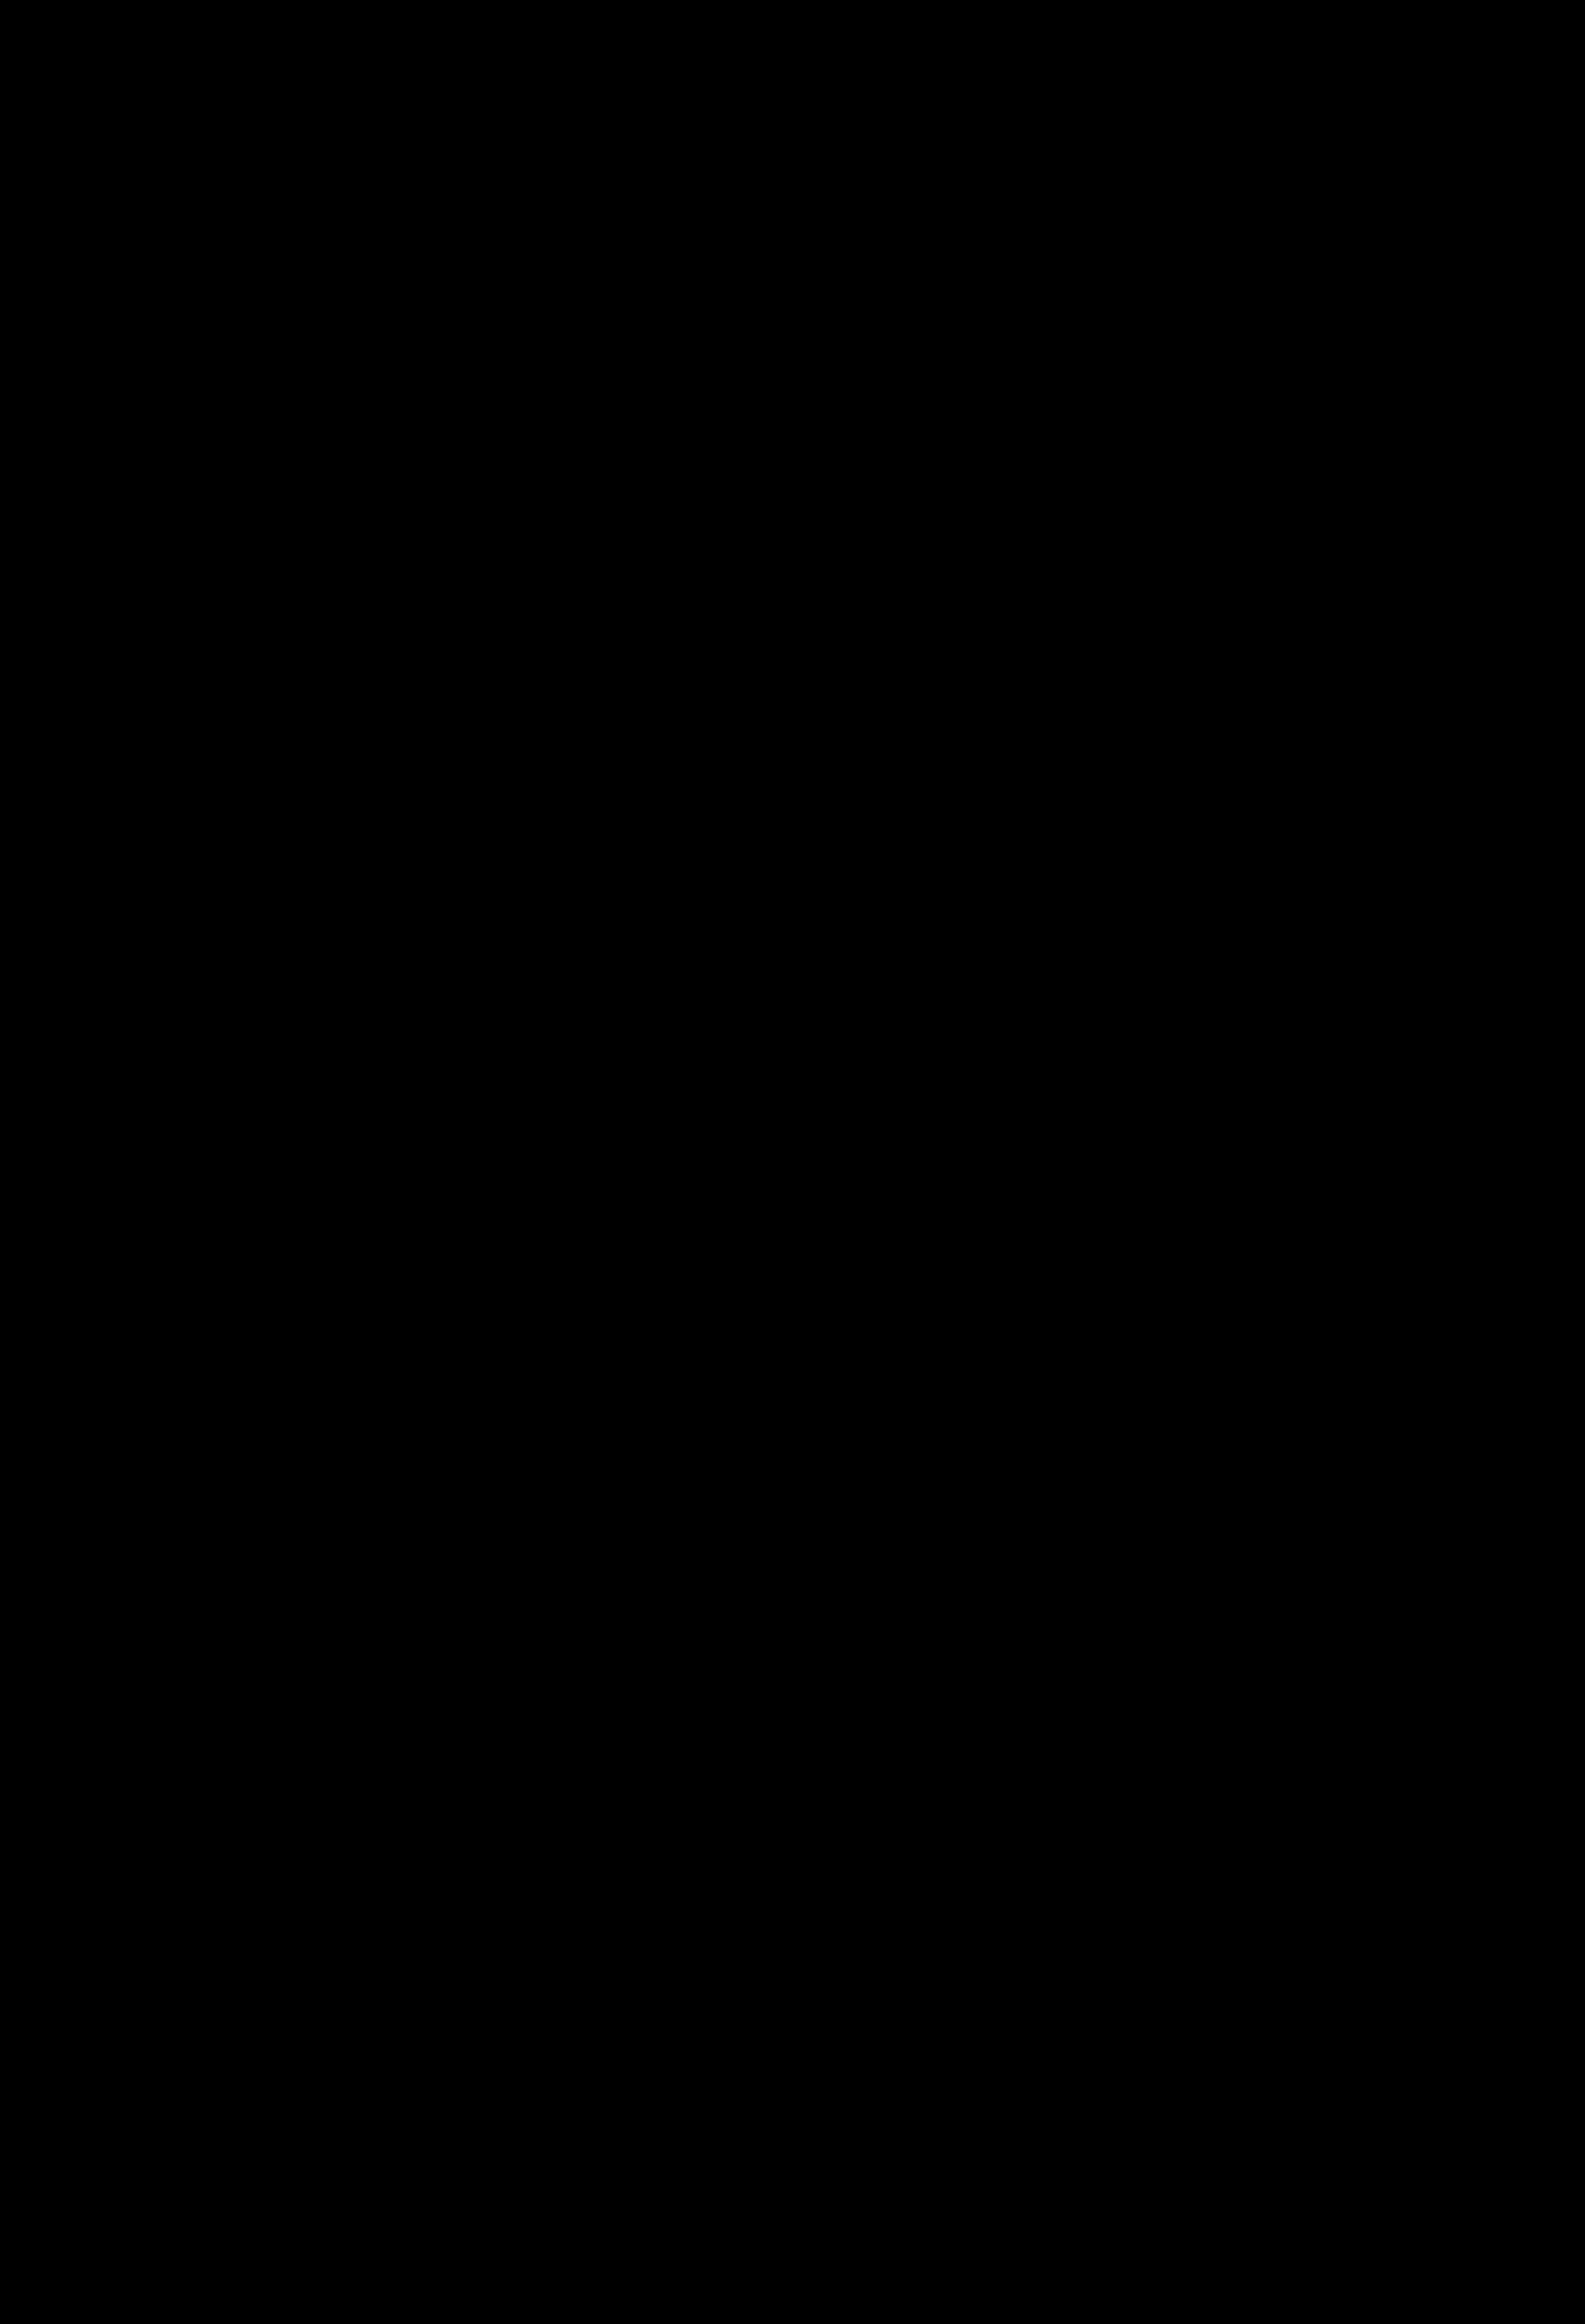 Градостроительный кодекс рф ст. 30. правила землепользования и застройки